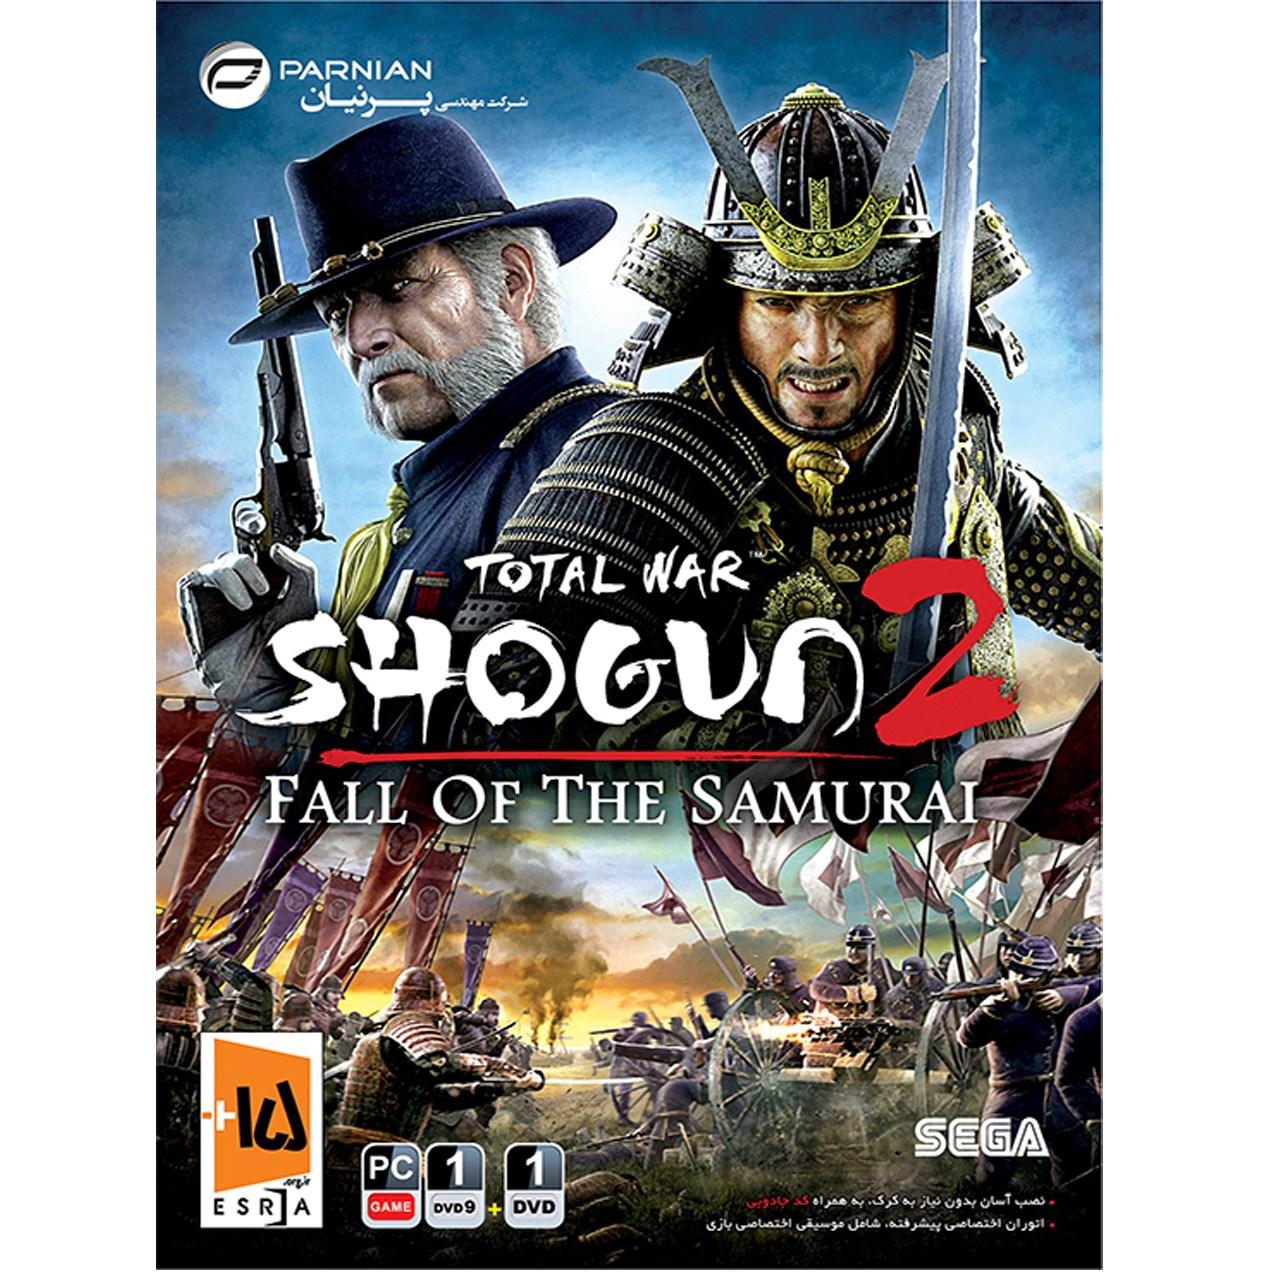 بازی total war shogun2 مخصوص PC نشر پرنیان